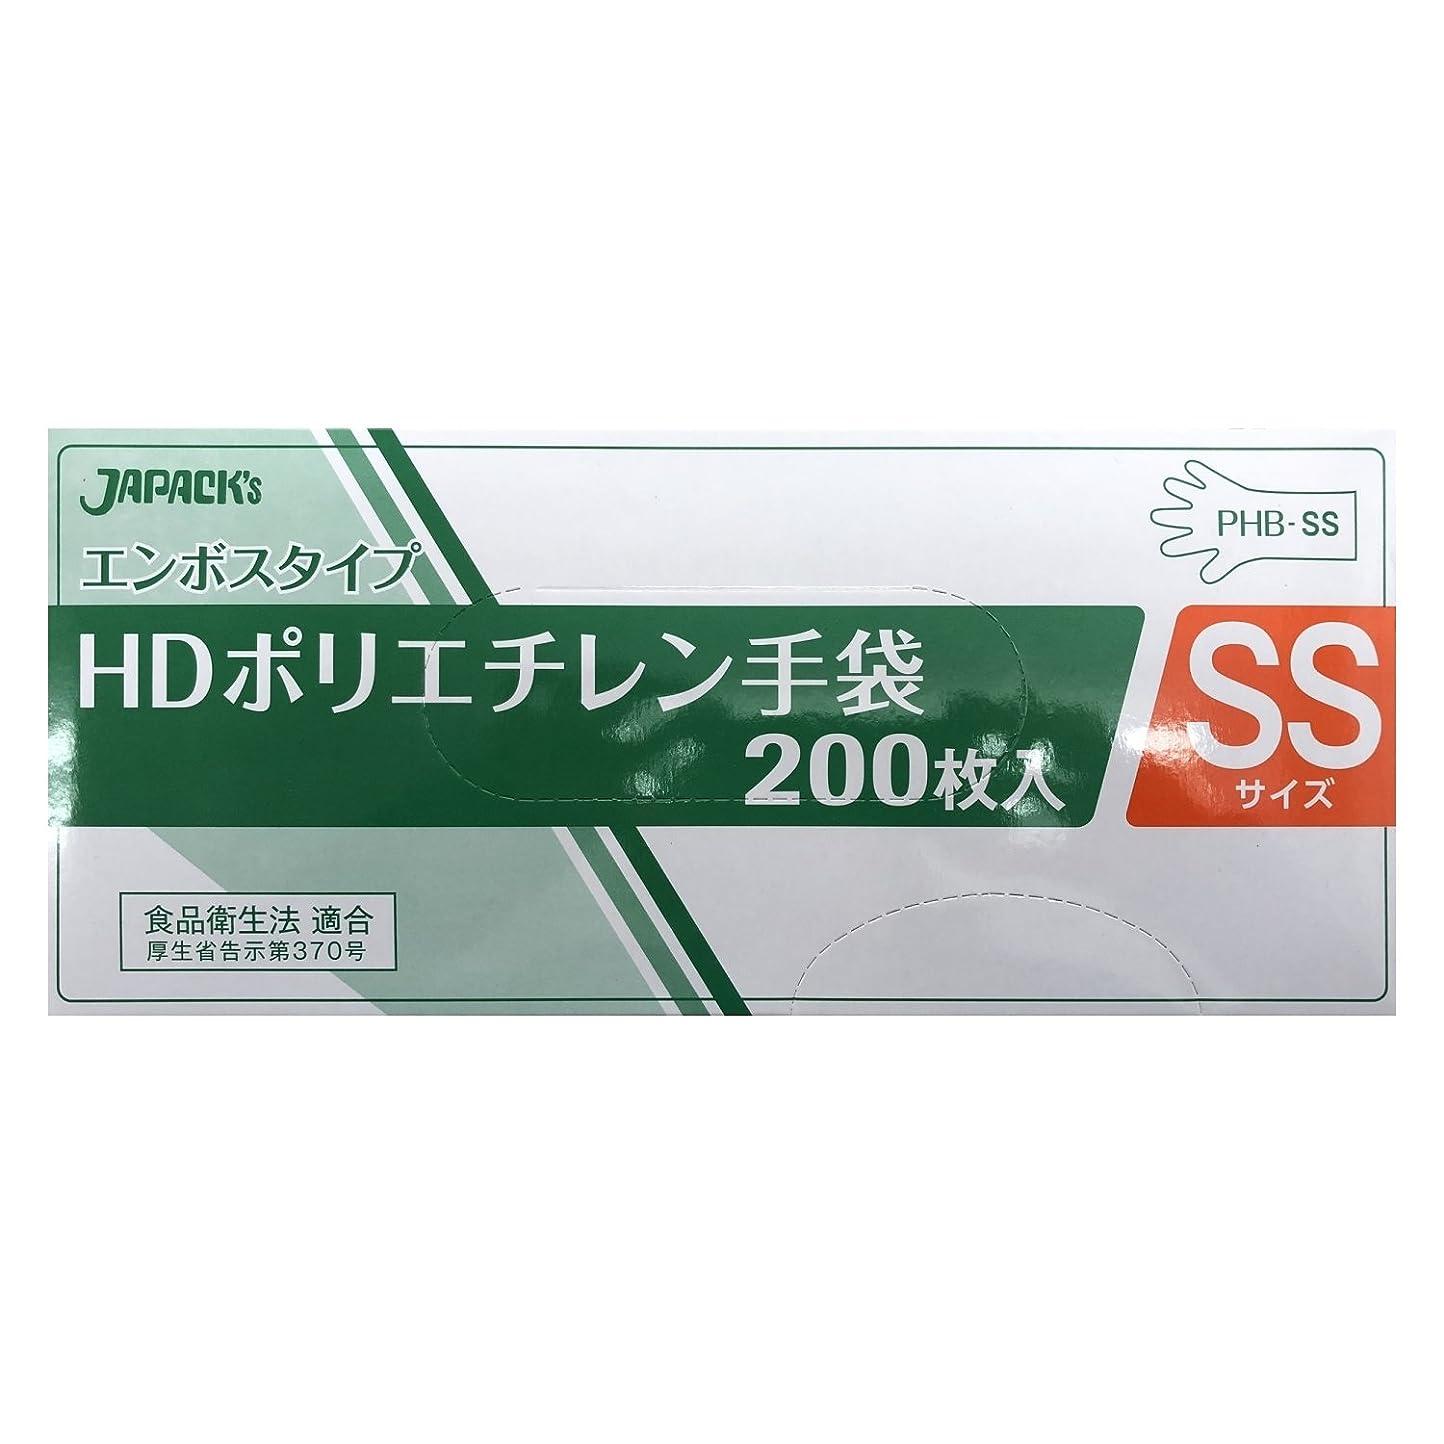 リルファランクスフェッチエンボスタイプ HDポリエチレン手袋 SSサイズ BOX 200枚入 無着色 PHB-SS